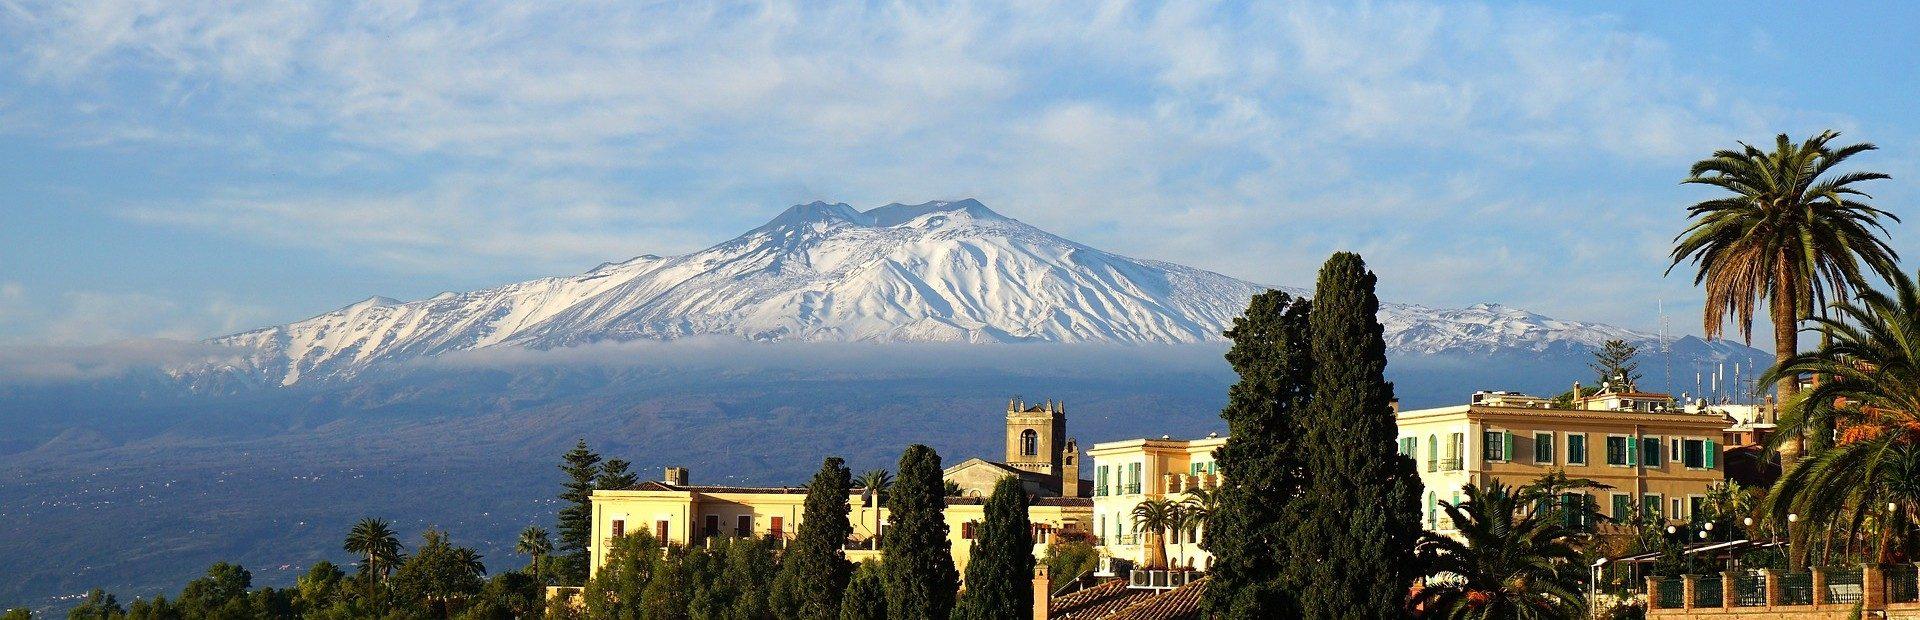 Italie-vakantie-etna